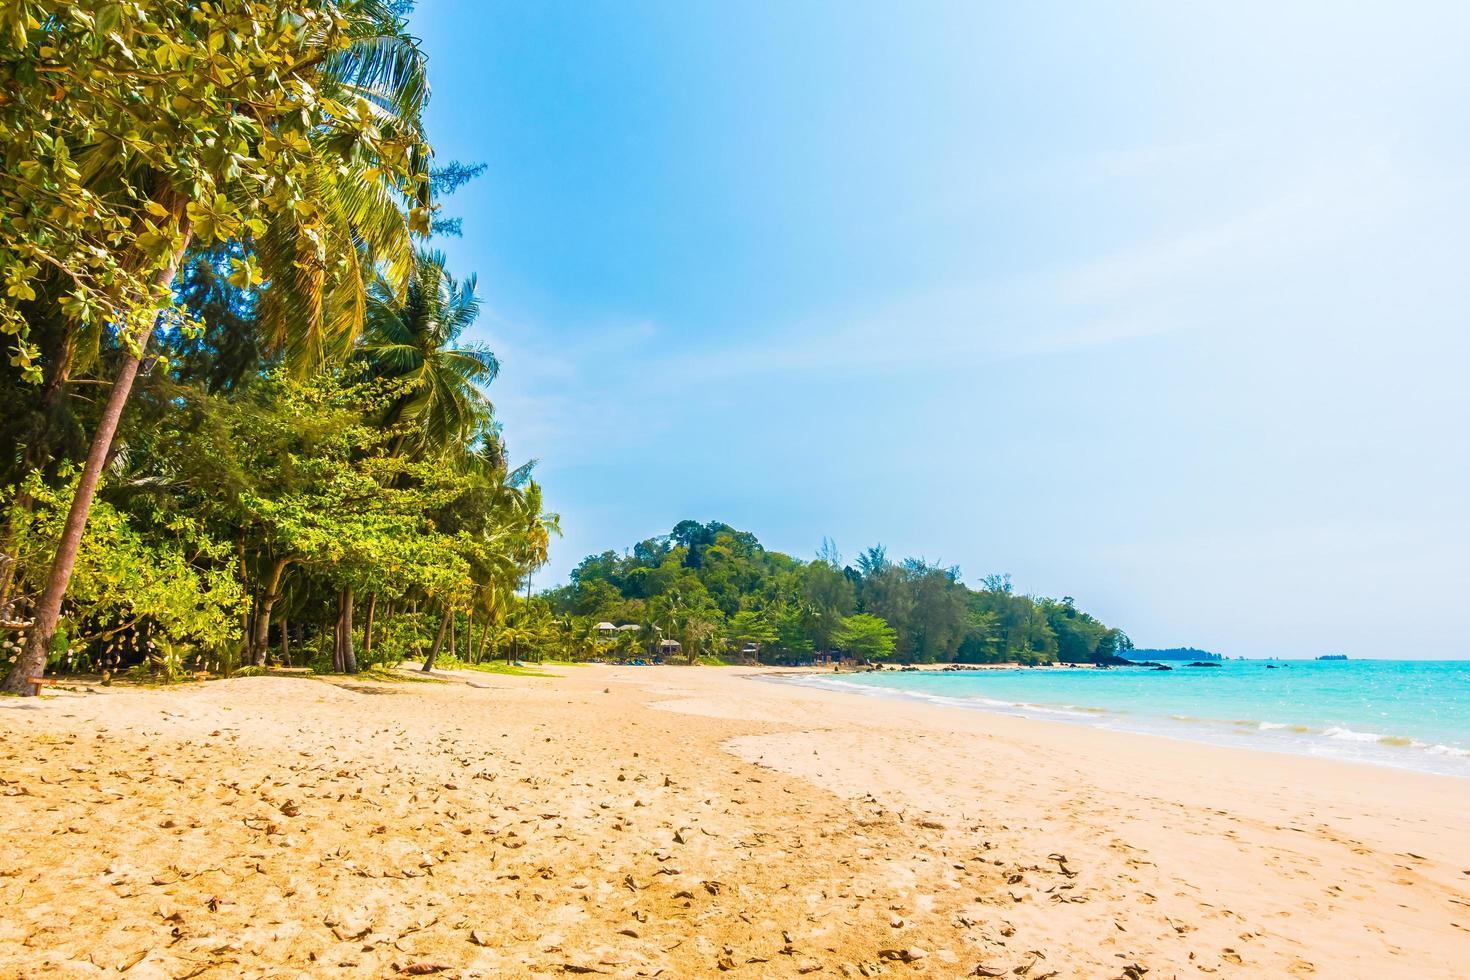 hermosa playa tropical y mar foto